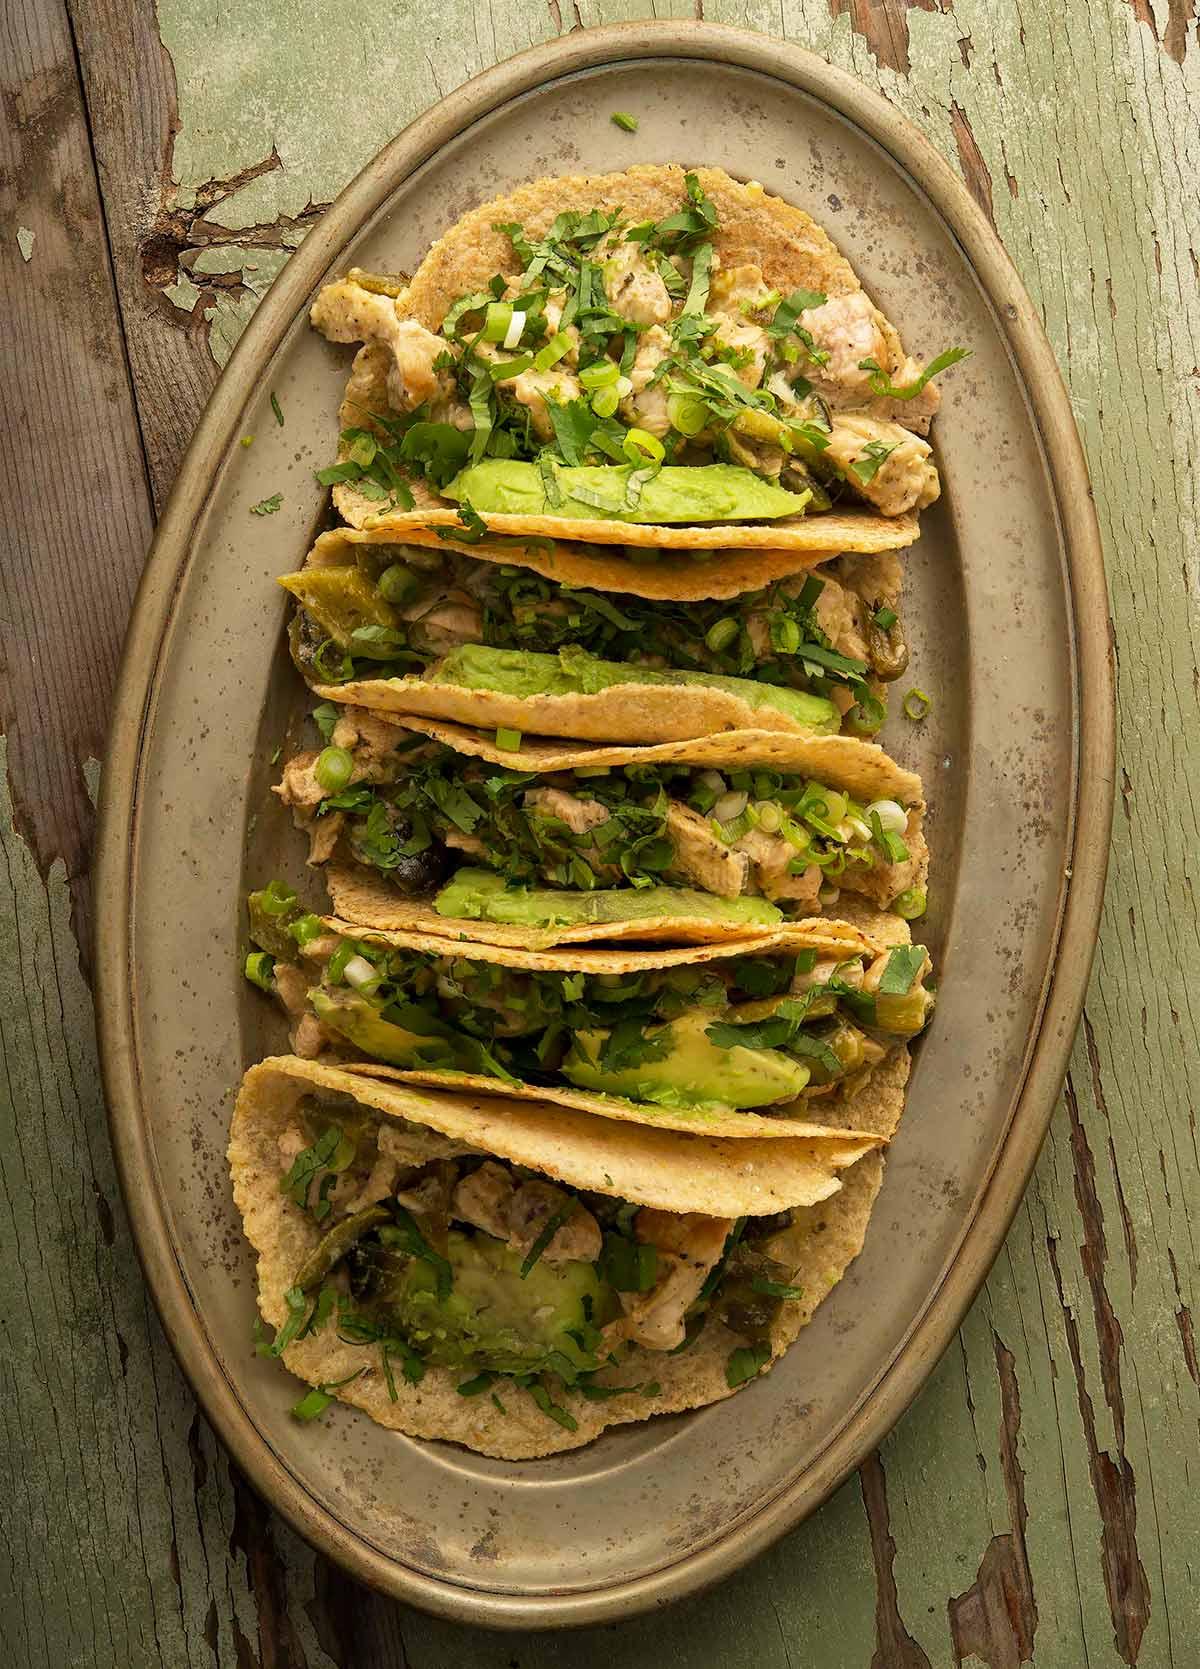 A platter of turkey tacos